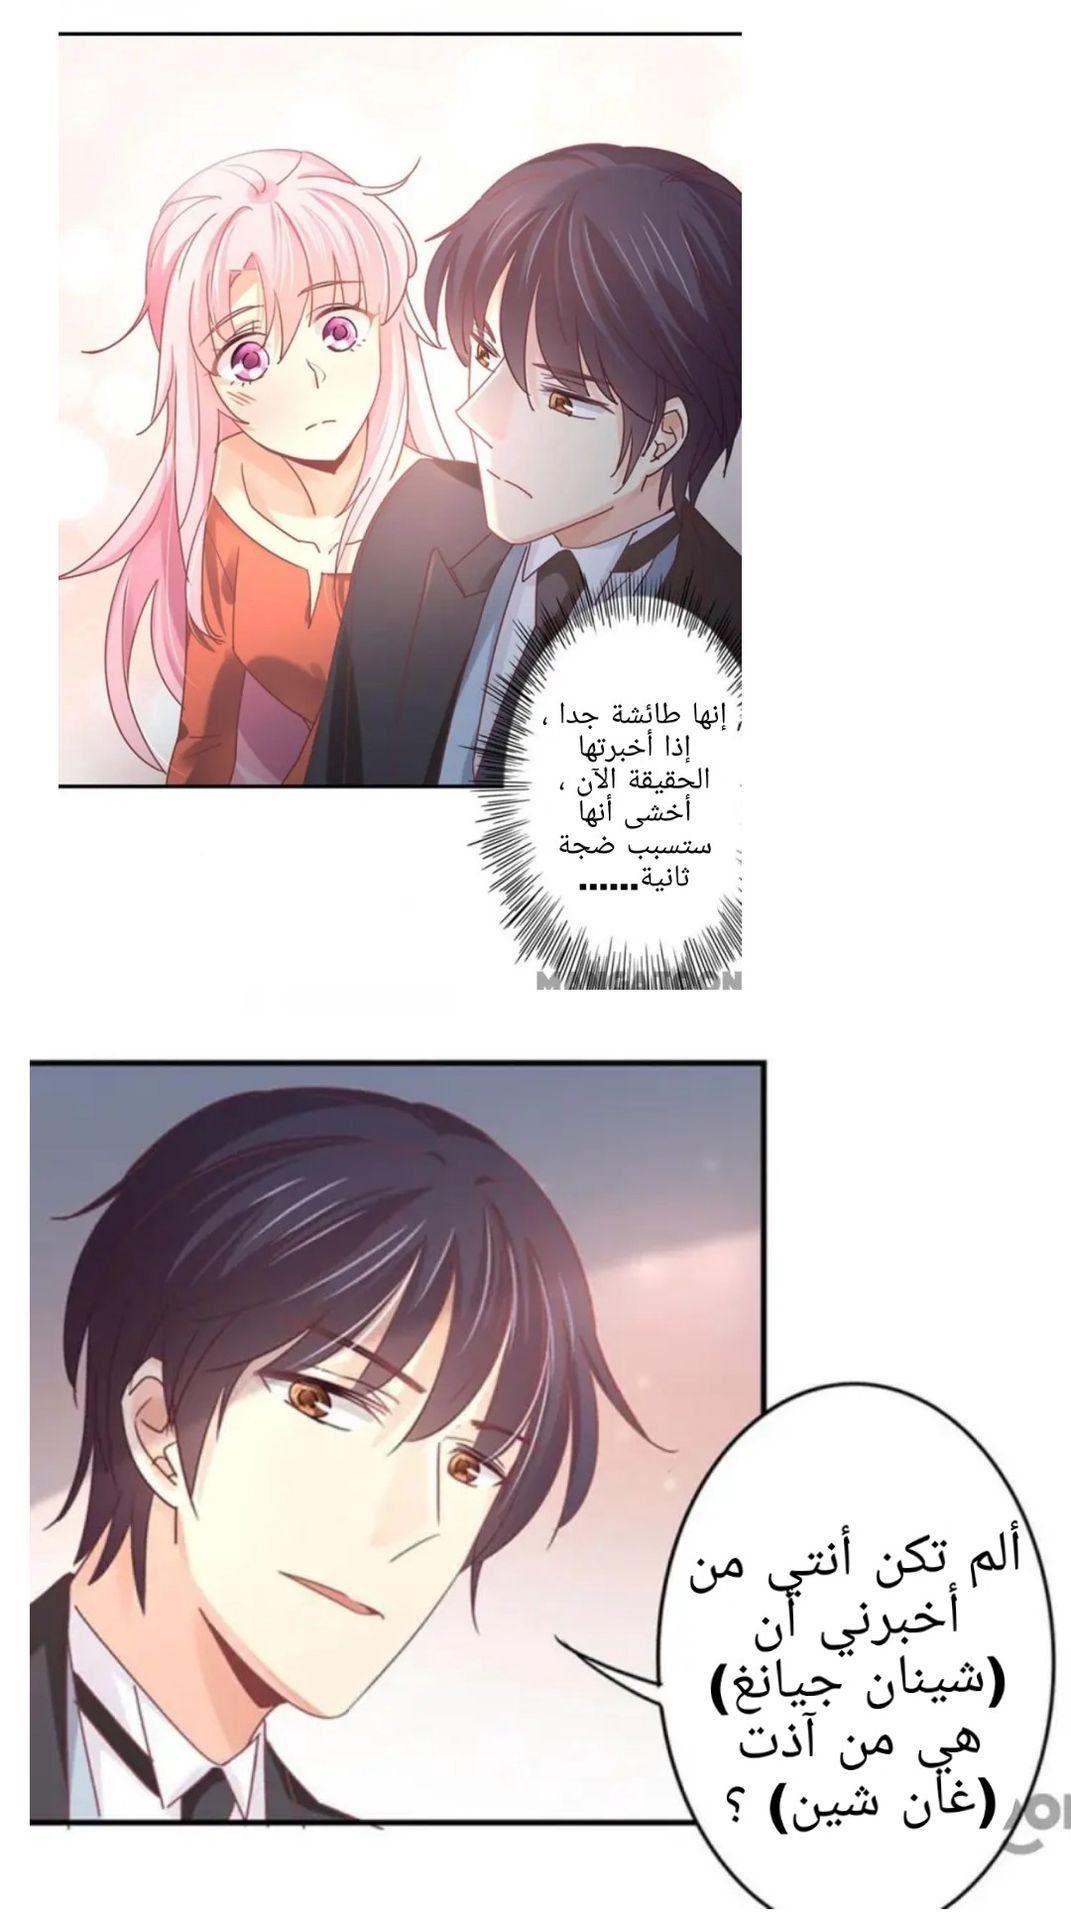 أول مرة قابلت فيها جيانغ شينغ إير شياو تينغ يو شاب ثري وغامض المغامرة المغامرة Amreading Books Wattpad Sao Manga Anime Hyun Jae